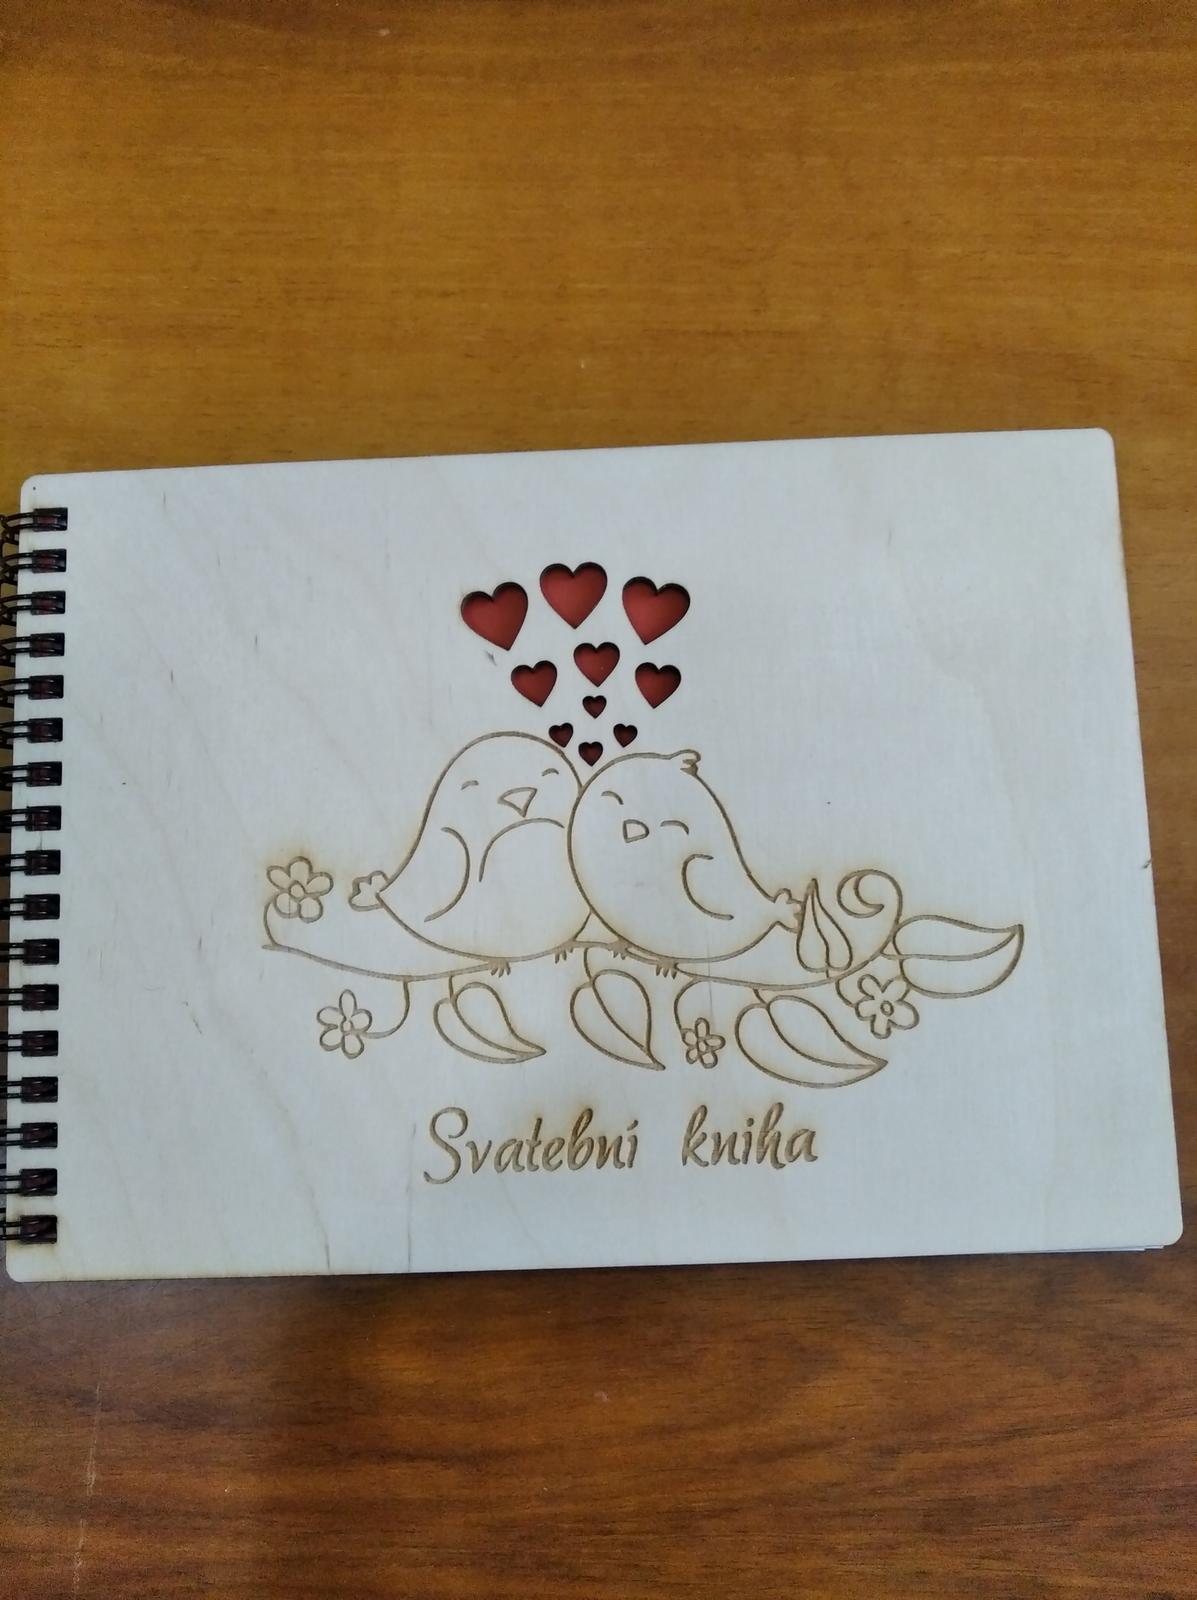 Svatební kniha A5 - Obrázek č. 1